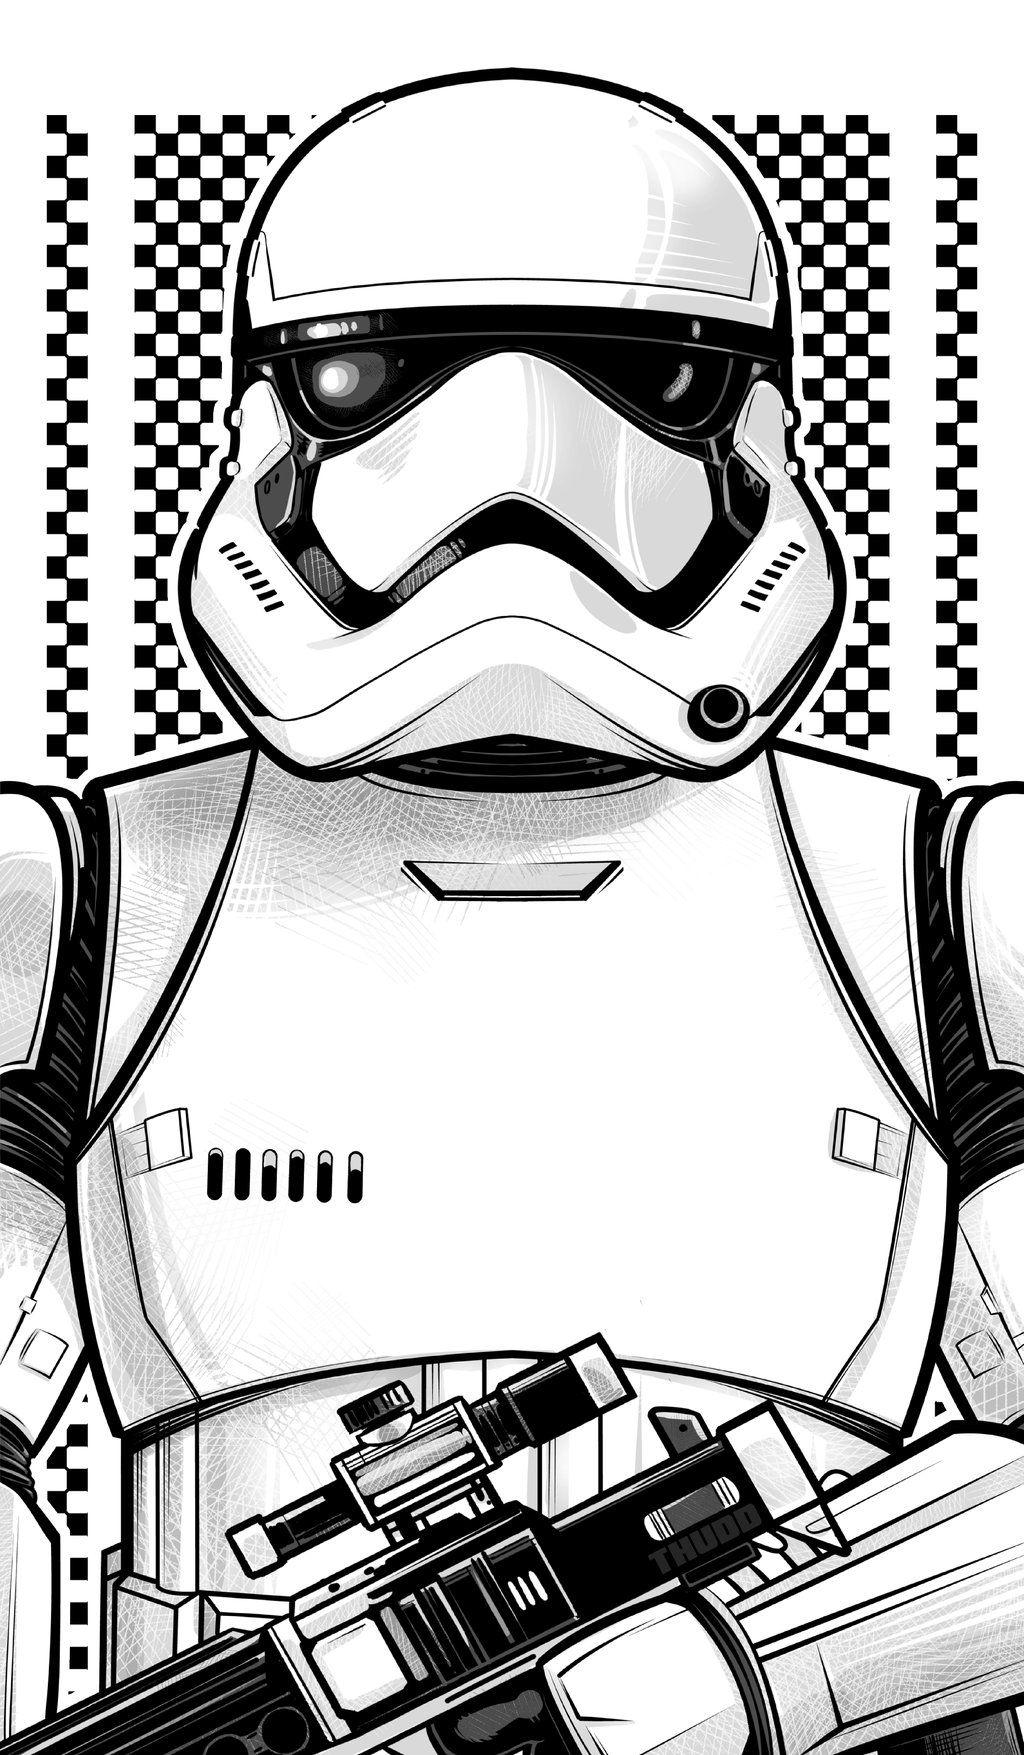 New Stormtrooper By Thuddleston Deviantart Com On Deviantart